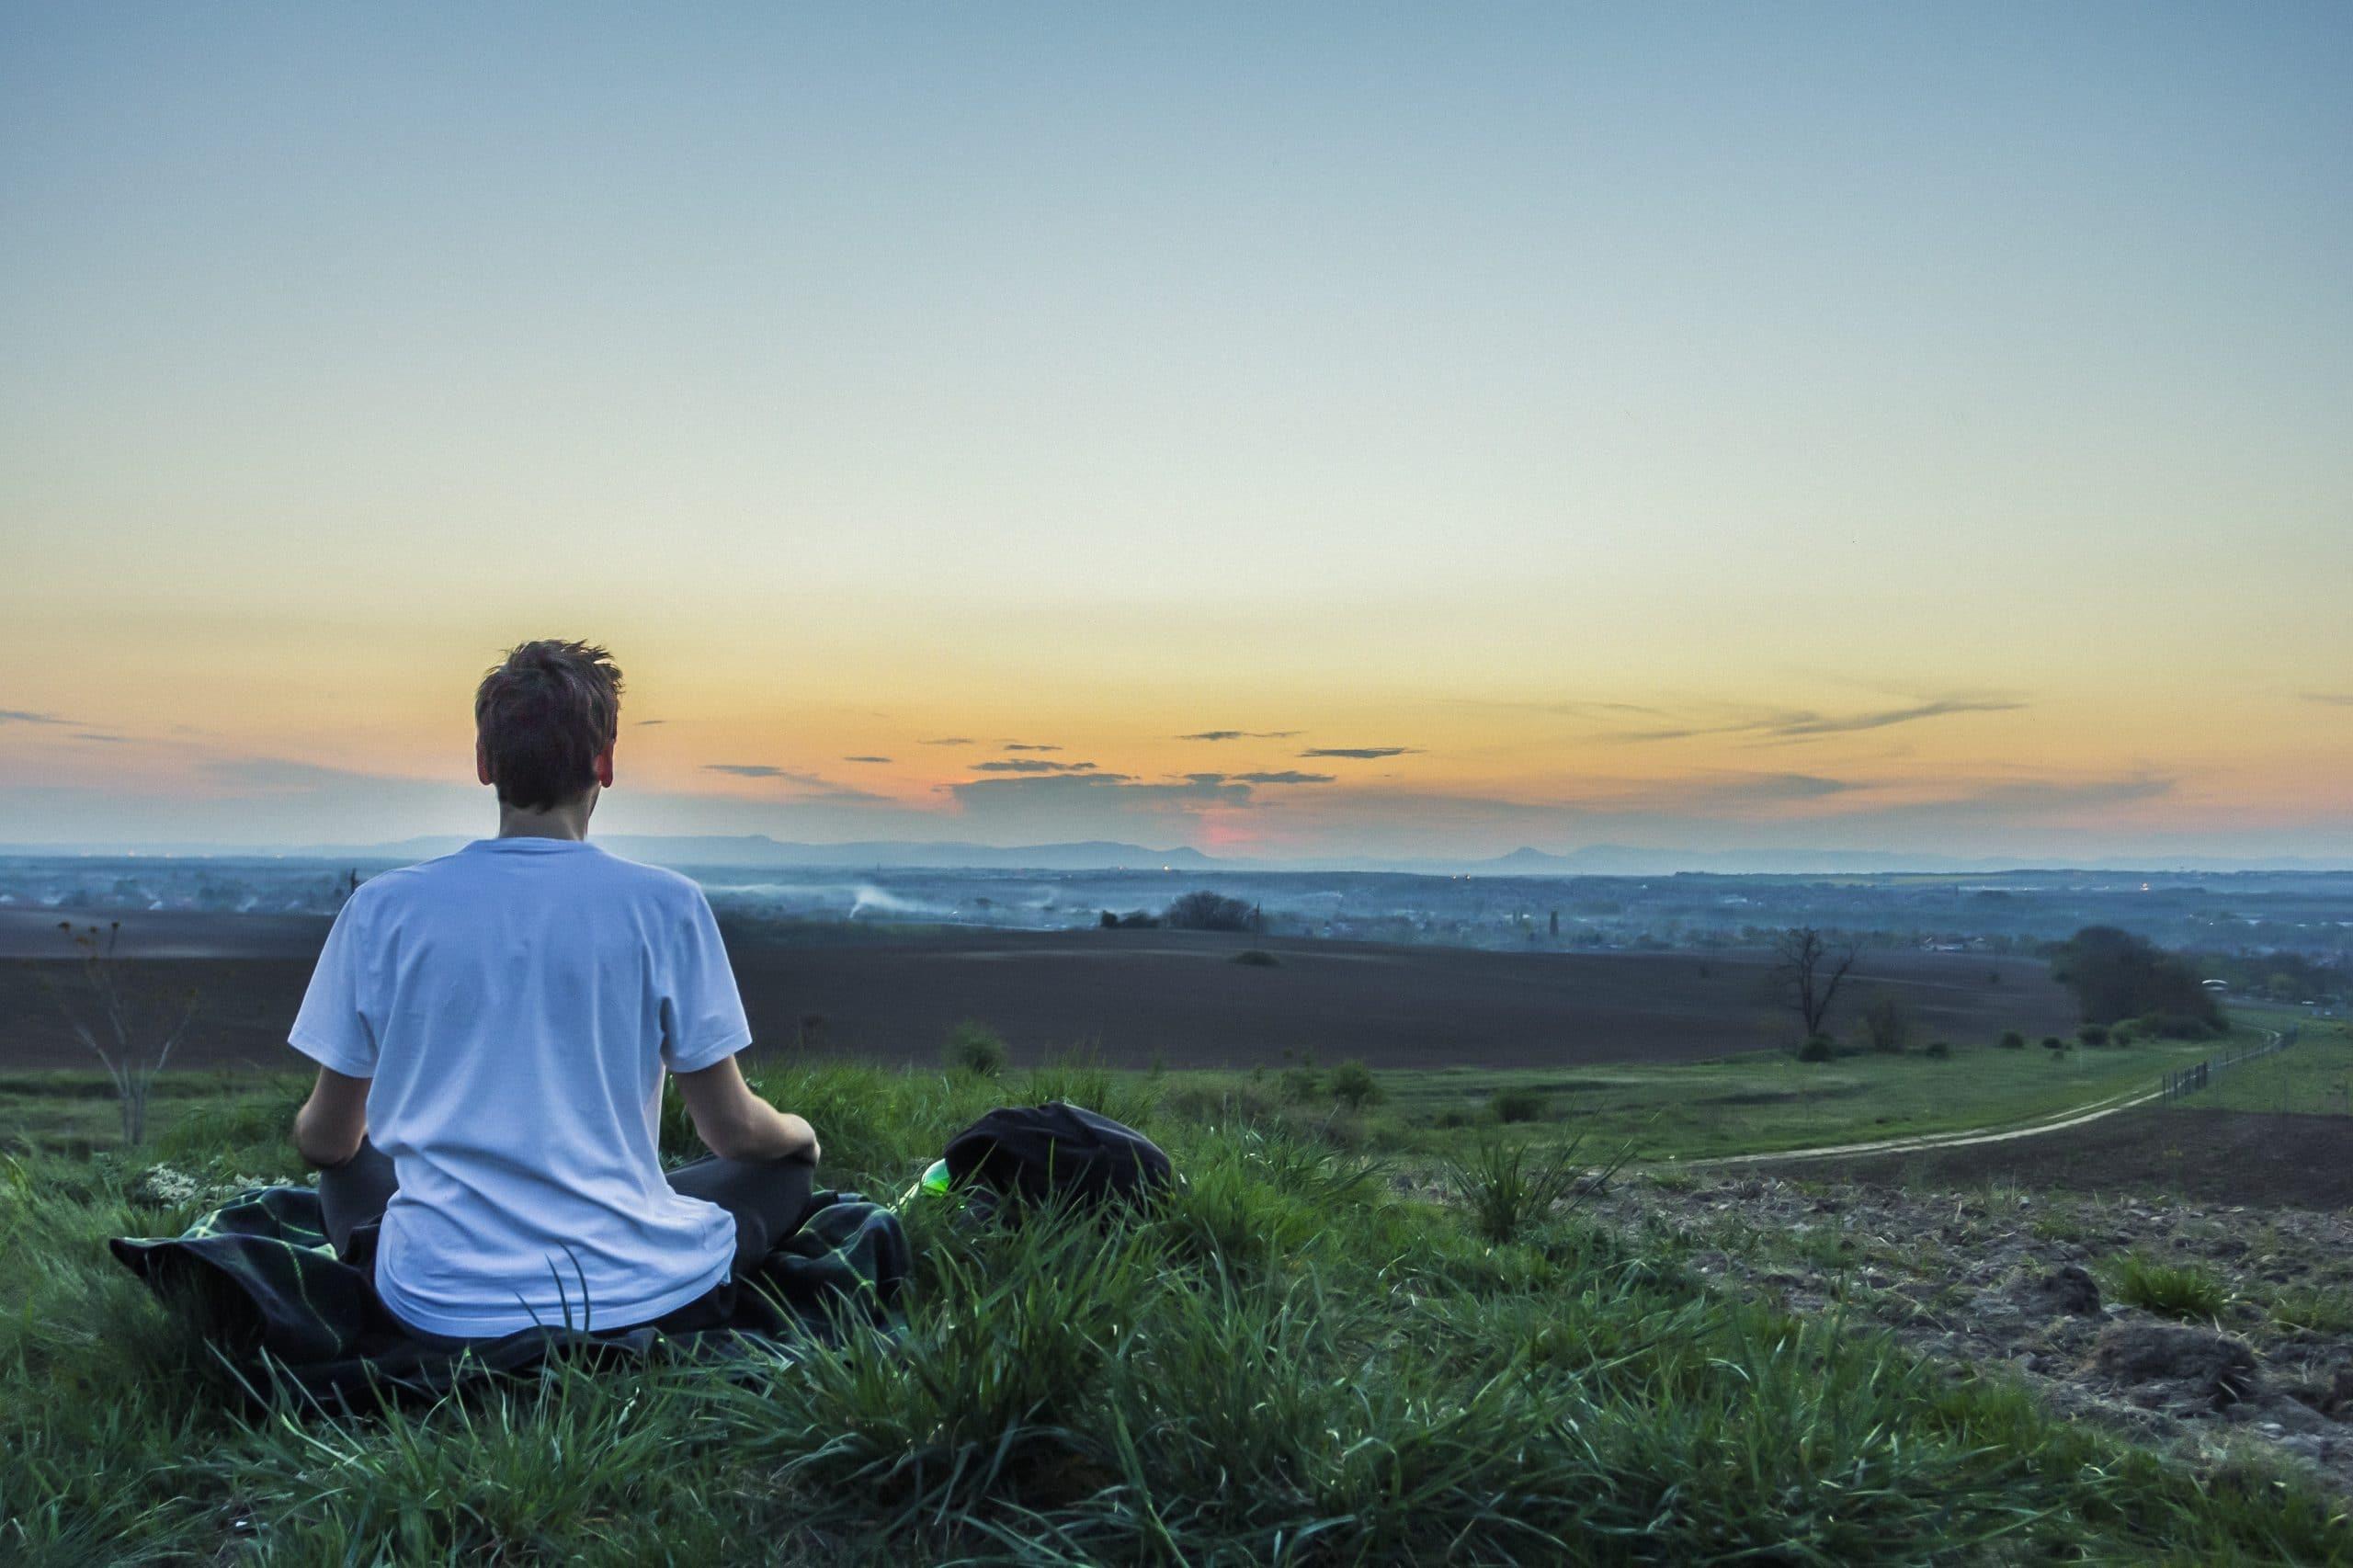 Menino meditando em um grande campo aberto durante o pôr-do-sol.